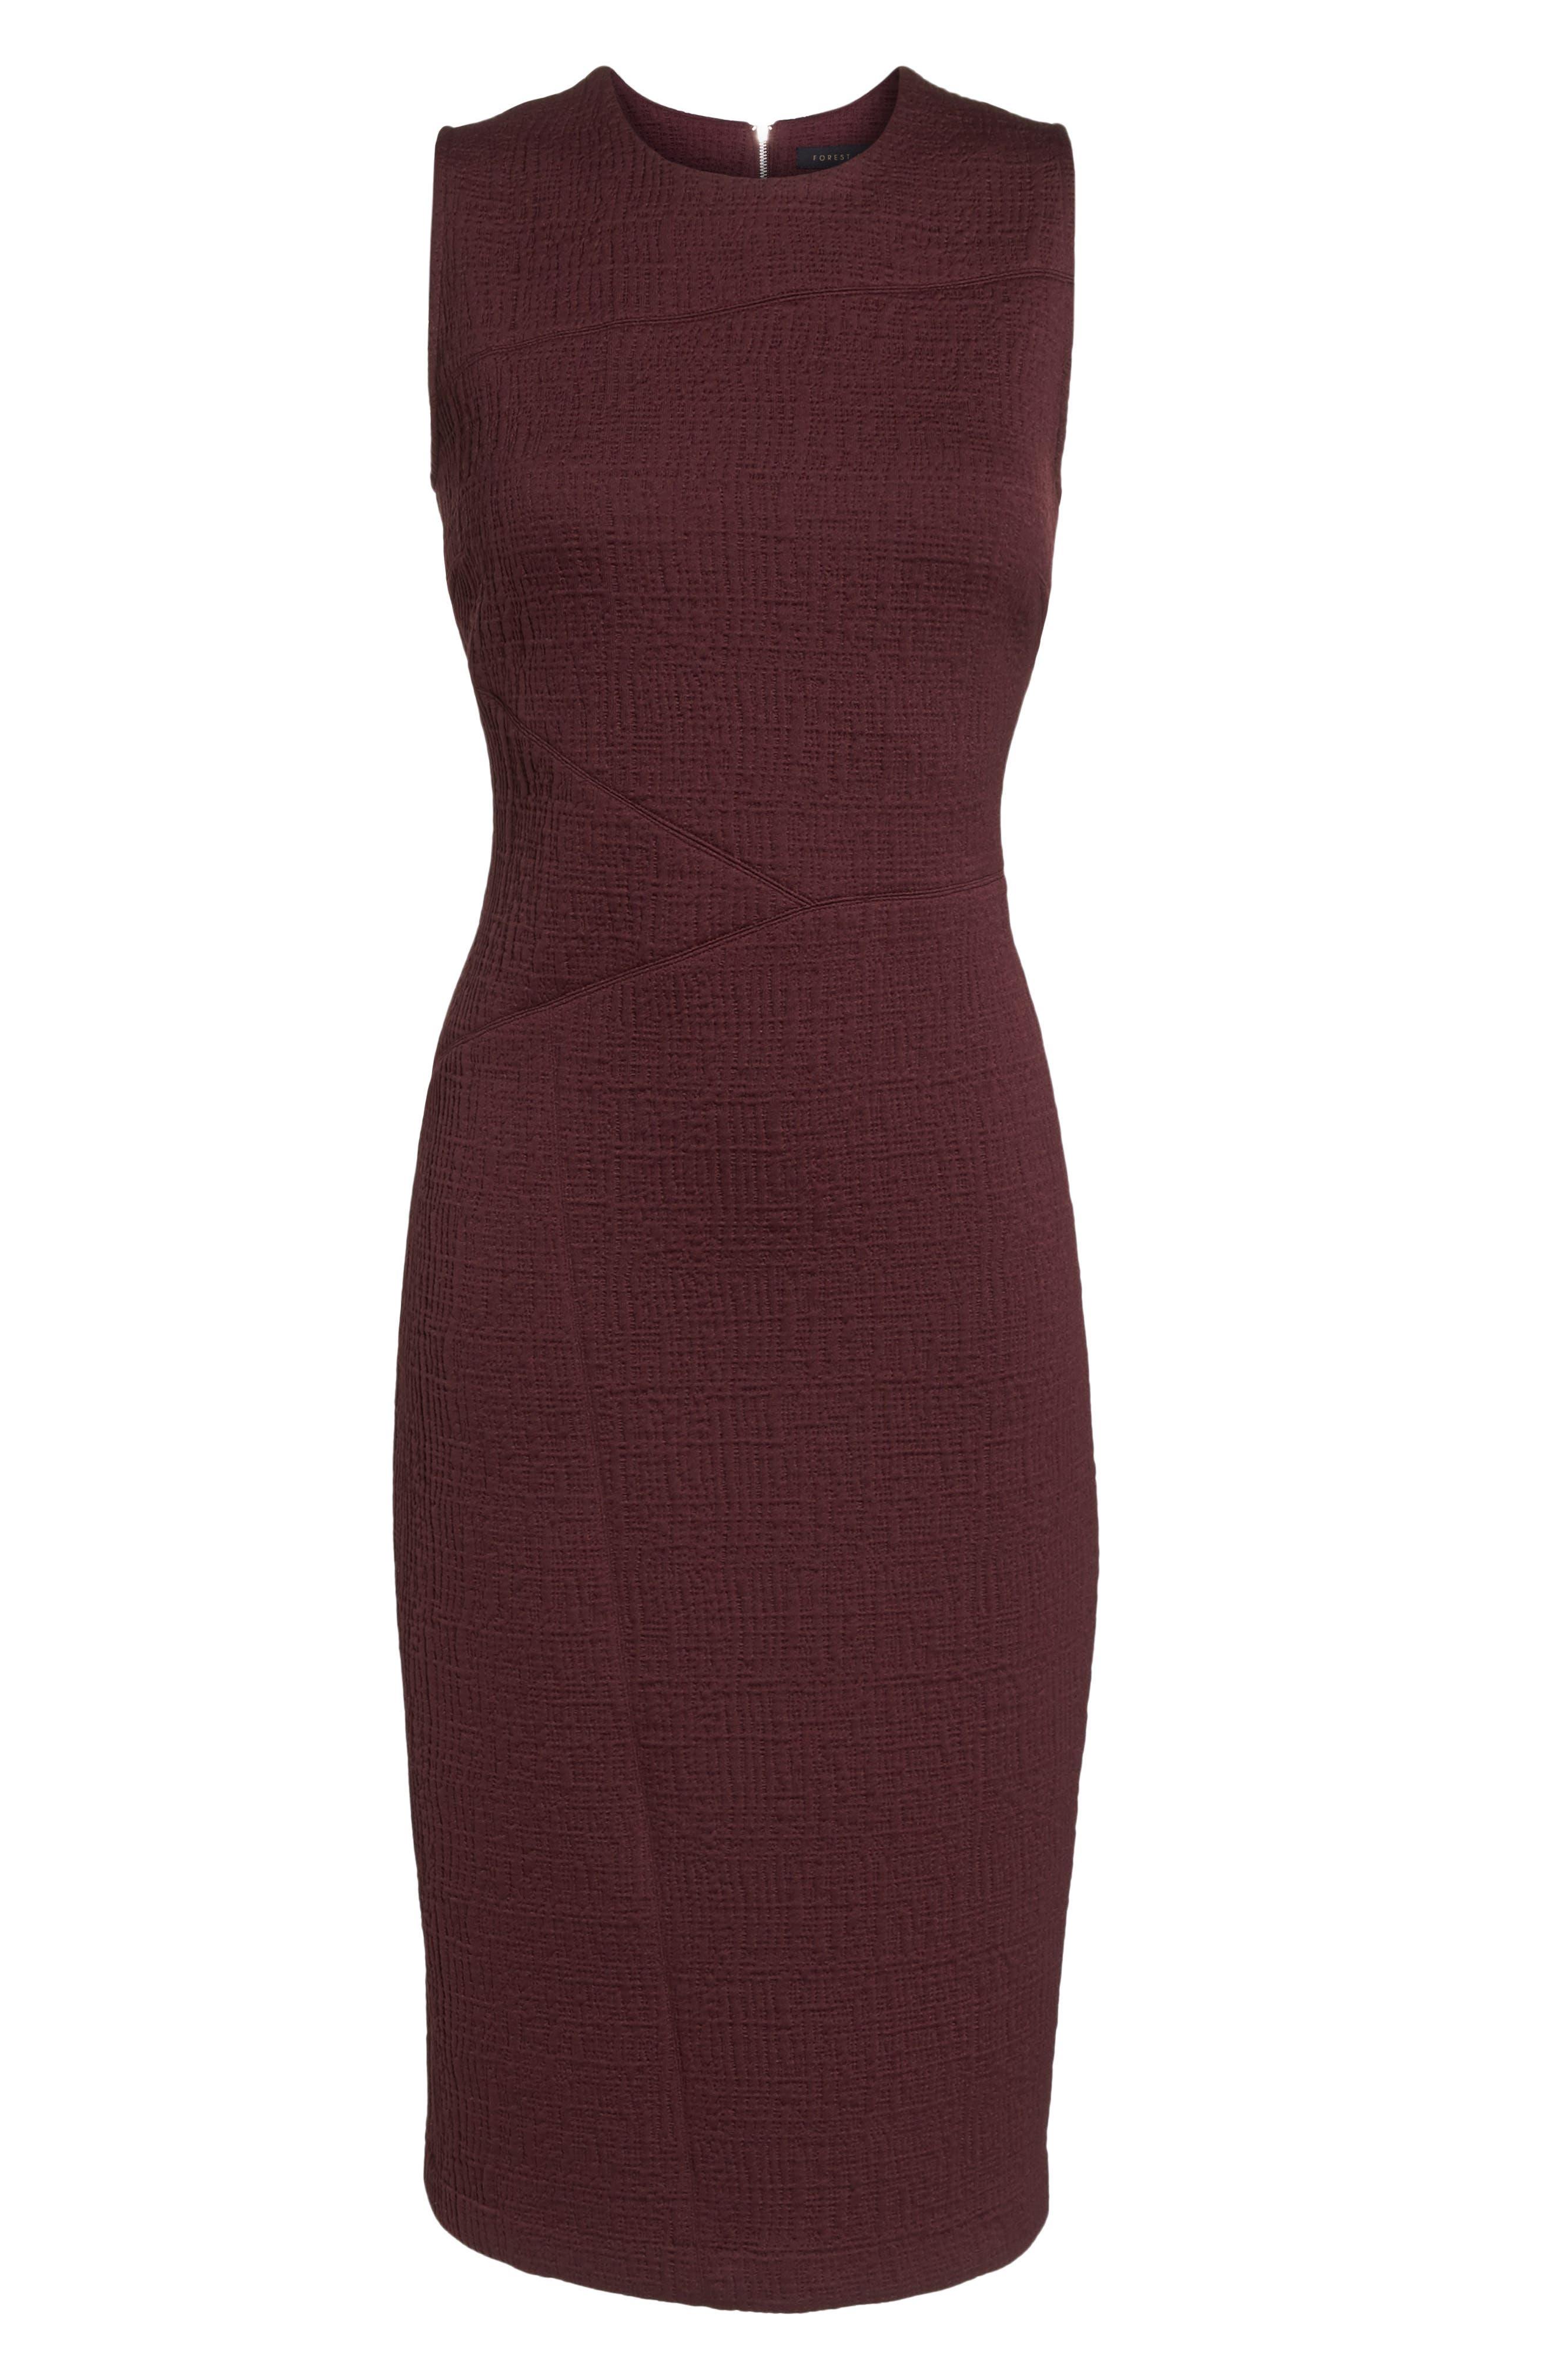 Jacquard Sheath Dress,                             Alternate thumbnail 7, color,                             Fig